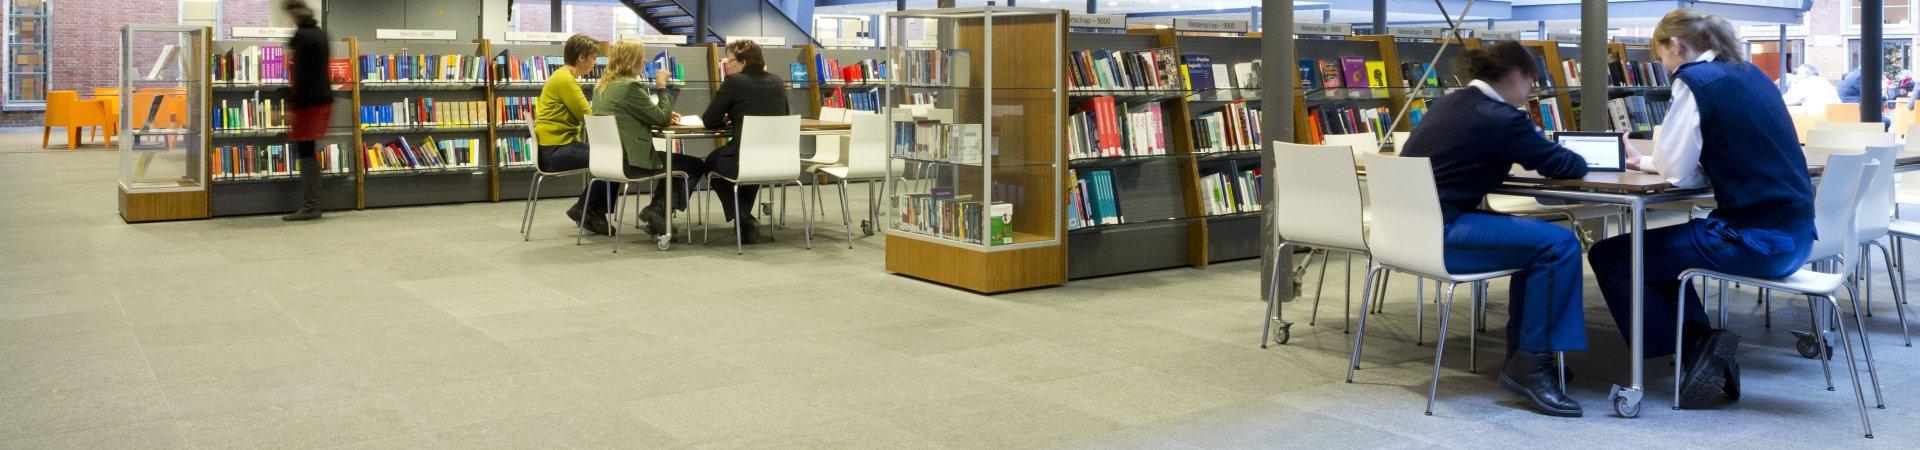 het kennisnetwerk voor hogeschoolbibliotheken